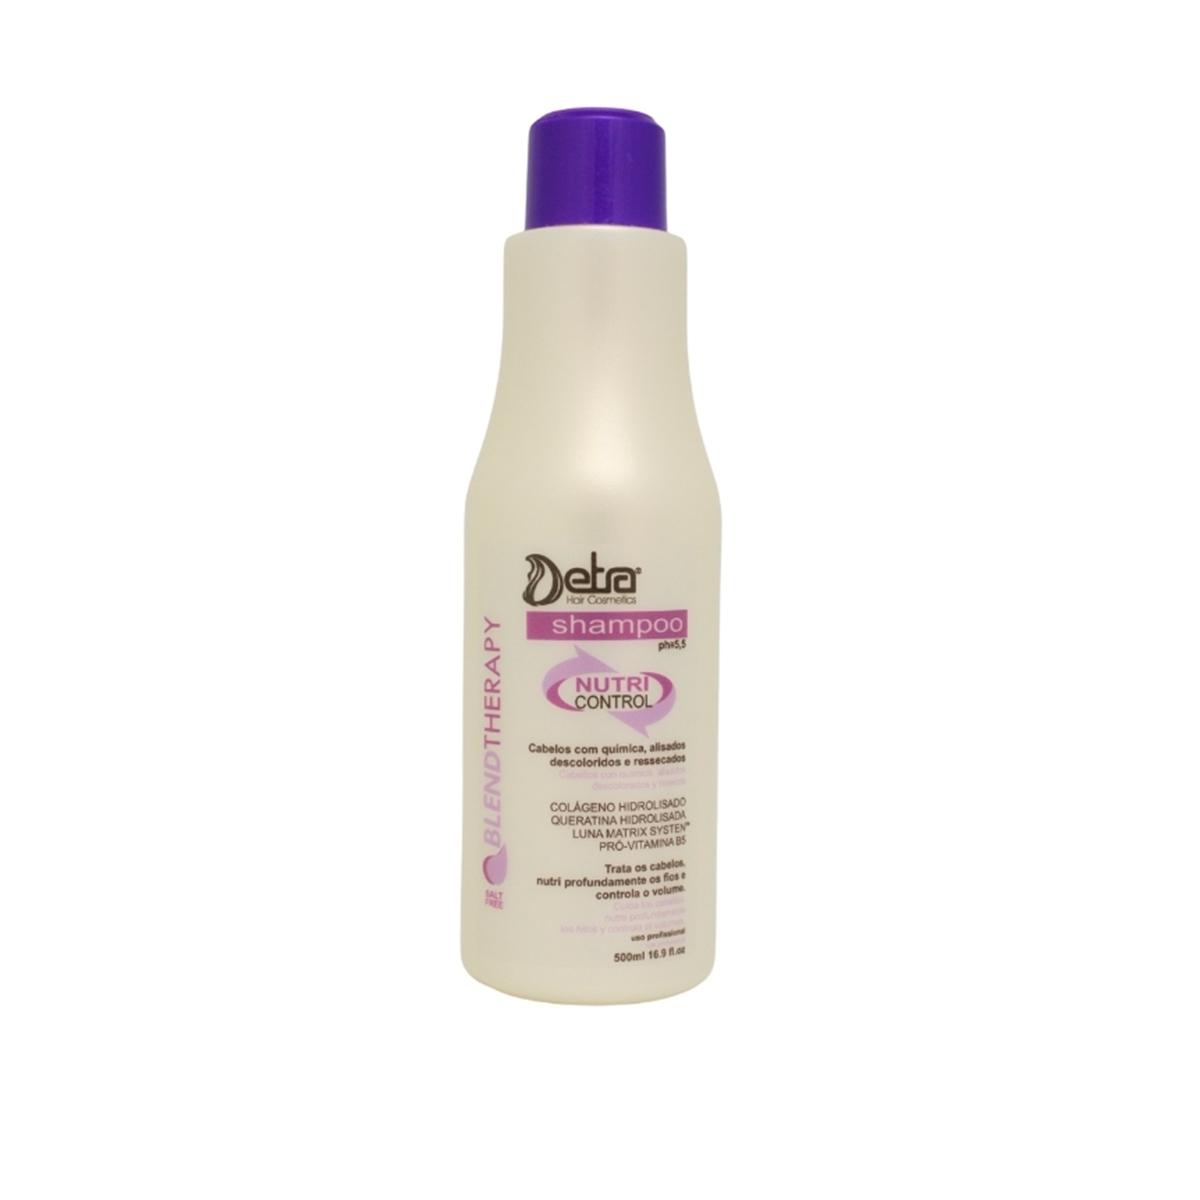 Detra Hair Shampoo para Cabelos Com Química  Nutri Control 500ml